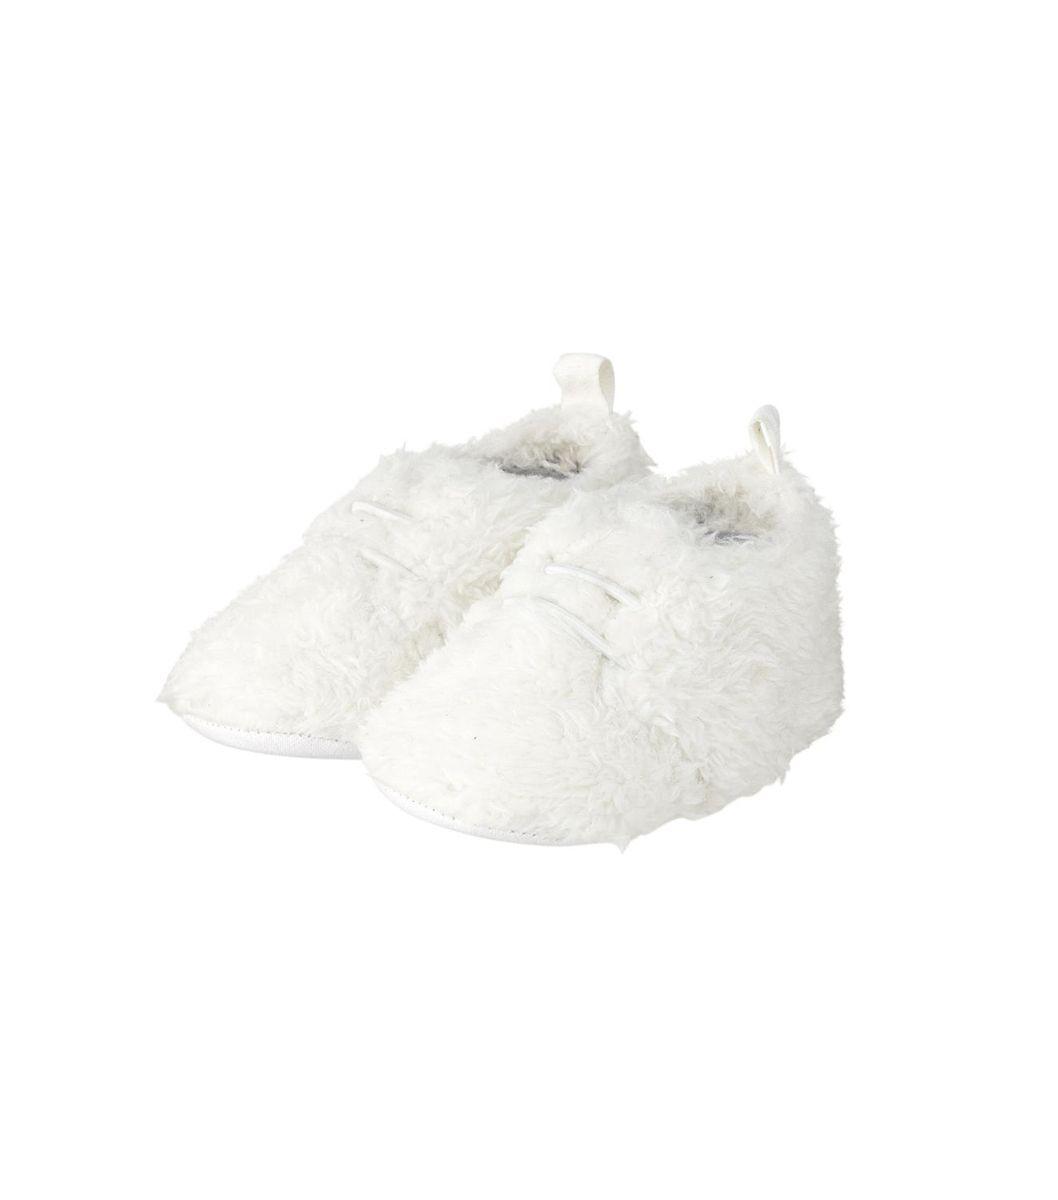 en vente en ligne sélection mondiale de modèle unique chaussons bébé - HEMA   Apparemment   Chaussons bébé ...